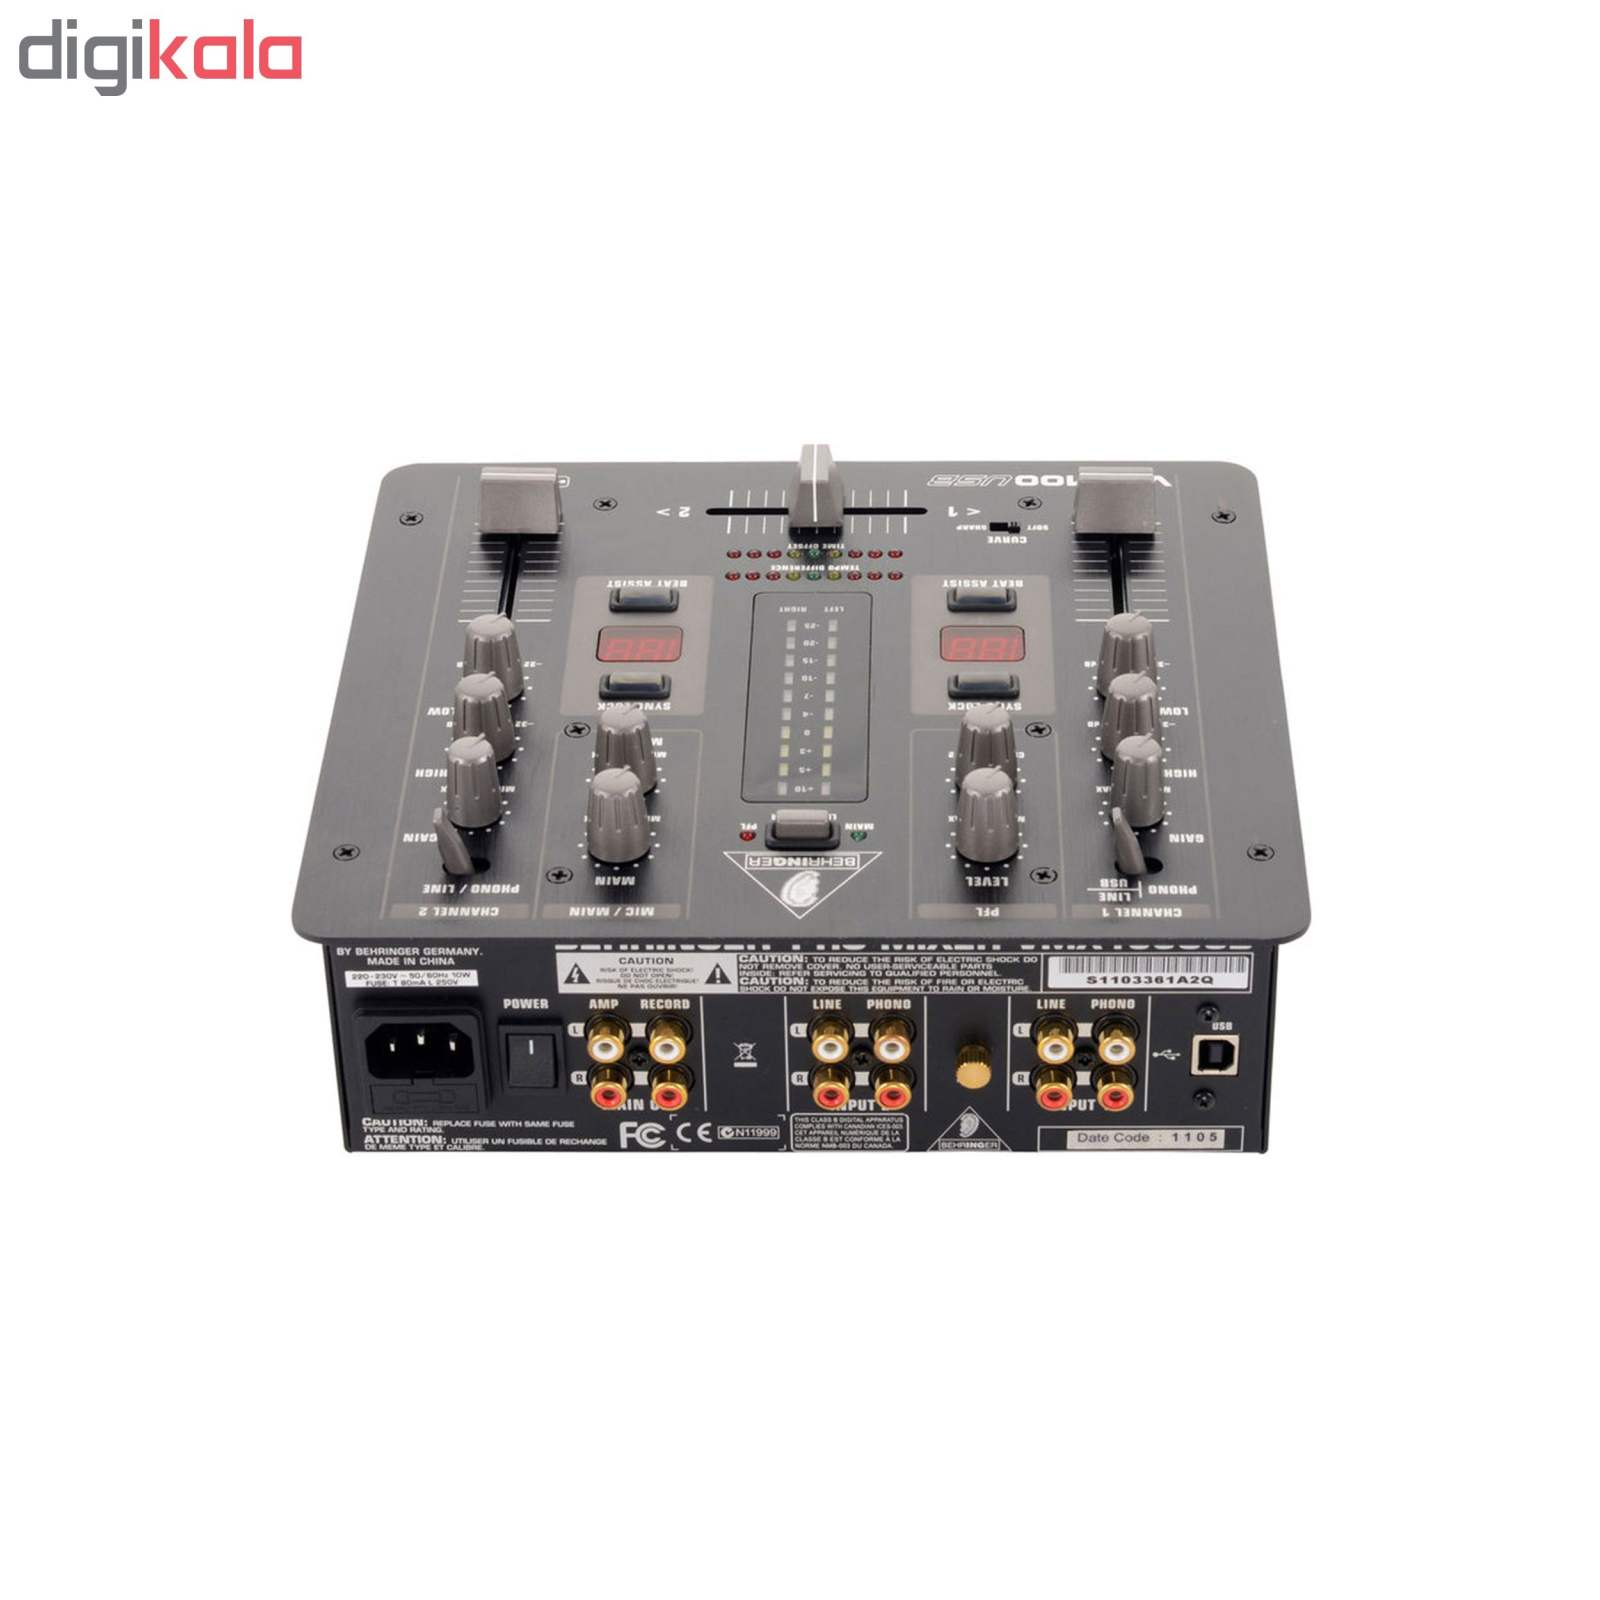 میکسر دی جی بهرینگر مدل VMX100 USB main 1 4